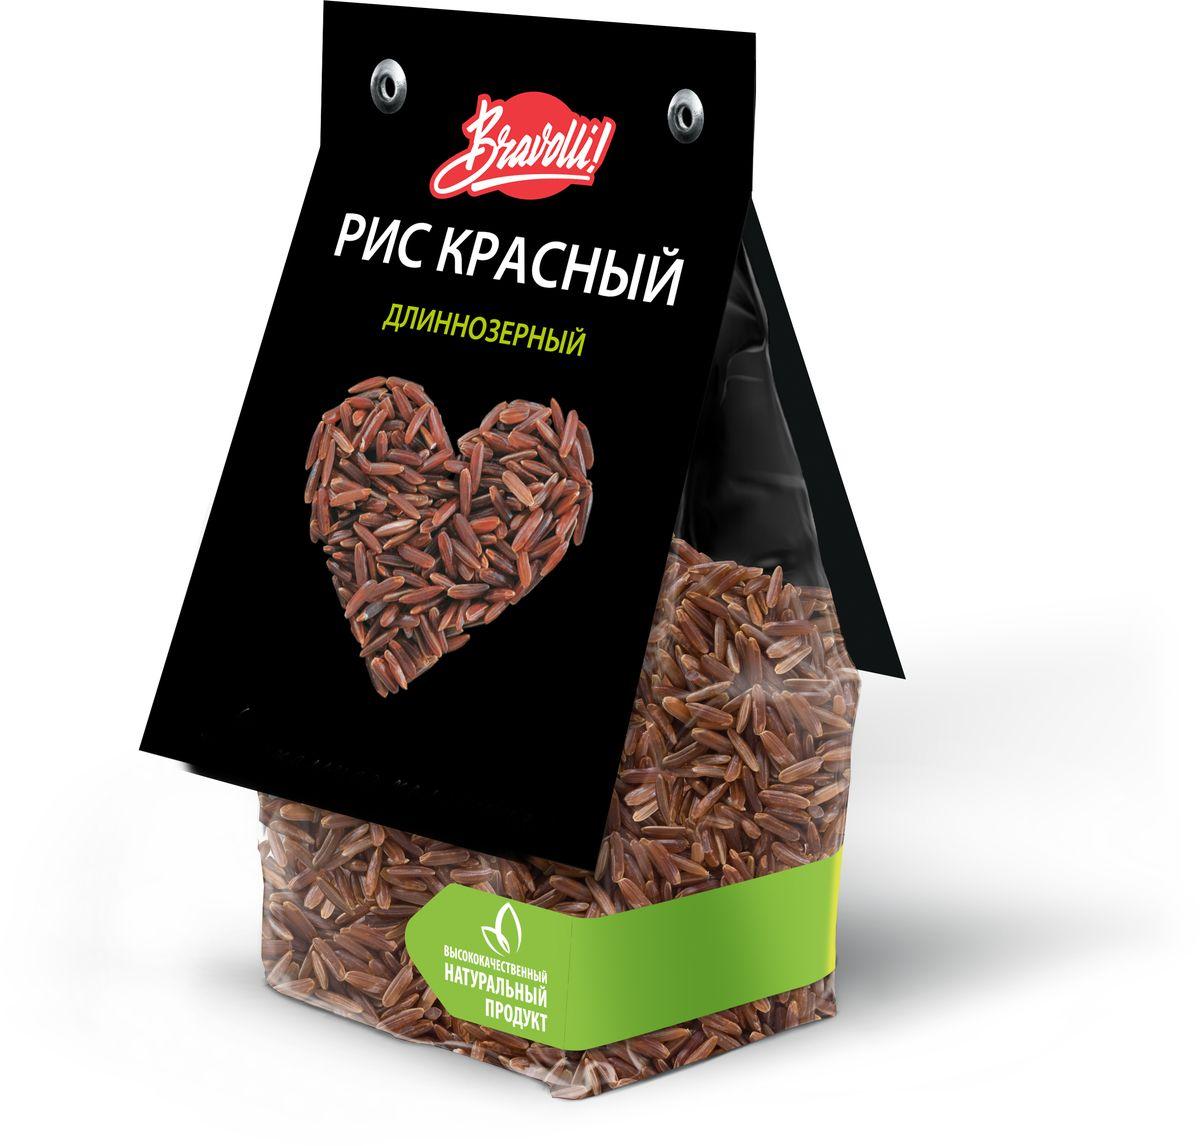 Bravolli Рис красный длиннозерный, 350 г bravolli басмати рис 500 г